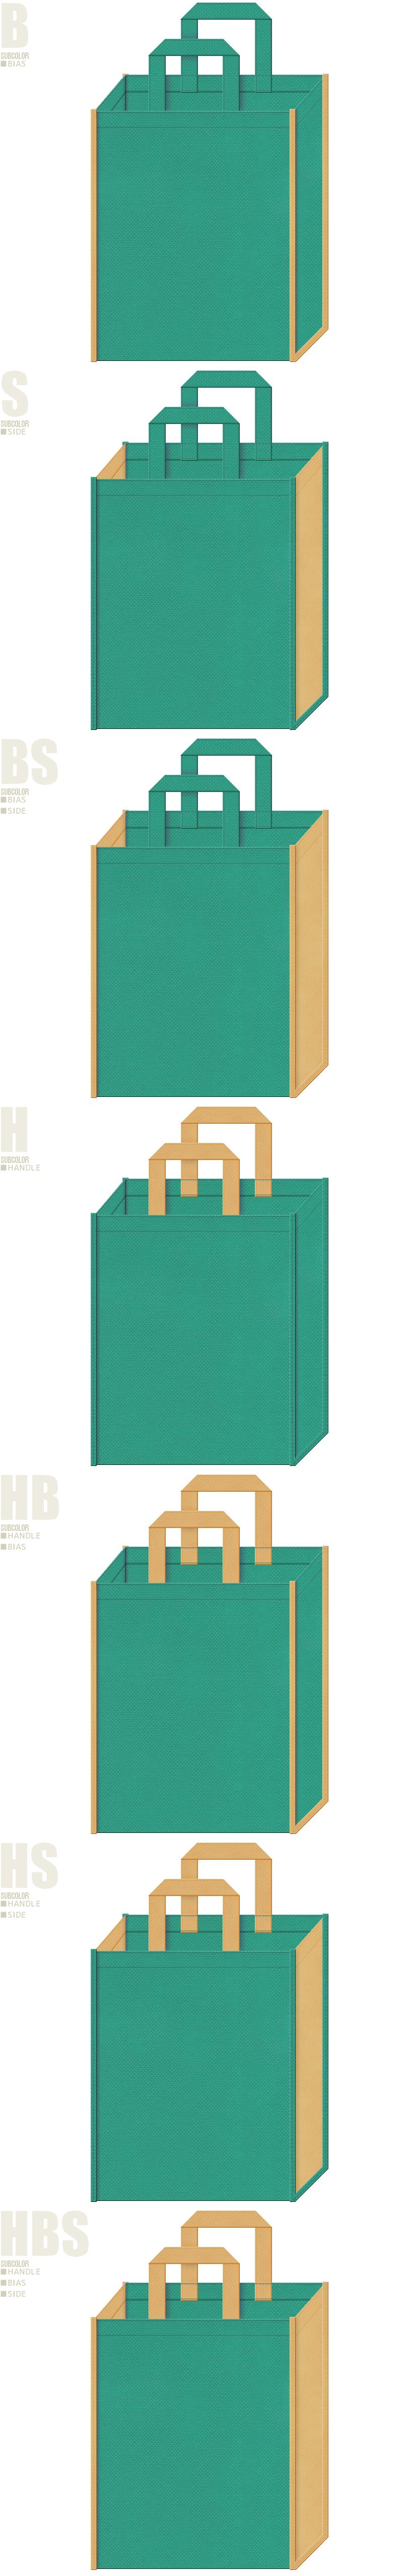 砂浜・ビーチ・絵本・おとぎ話のイメージにお奨めの不織布バッグデザイン:青緑色と薄黄土色の不織布バッグ配色7パターン。